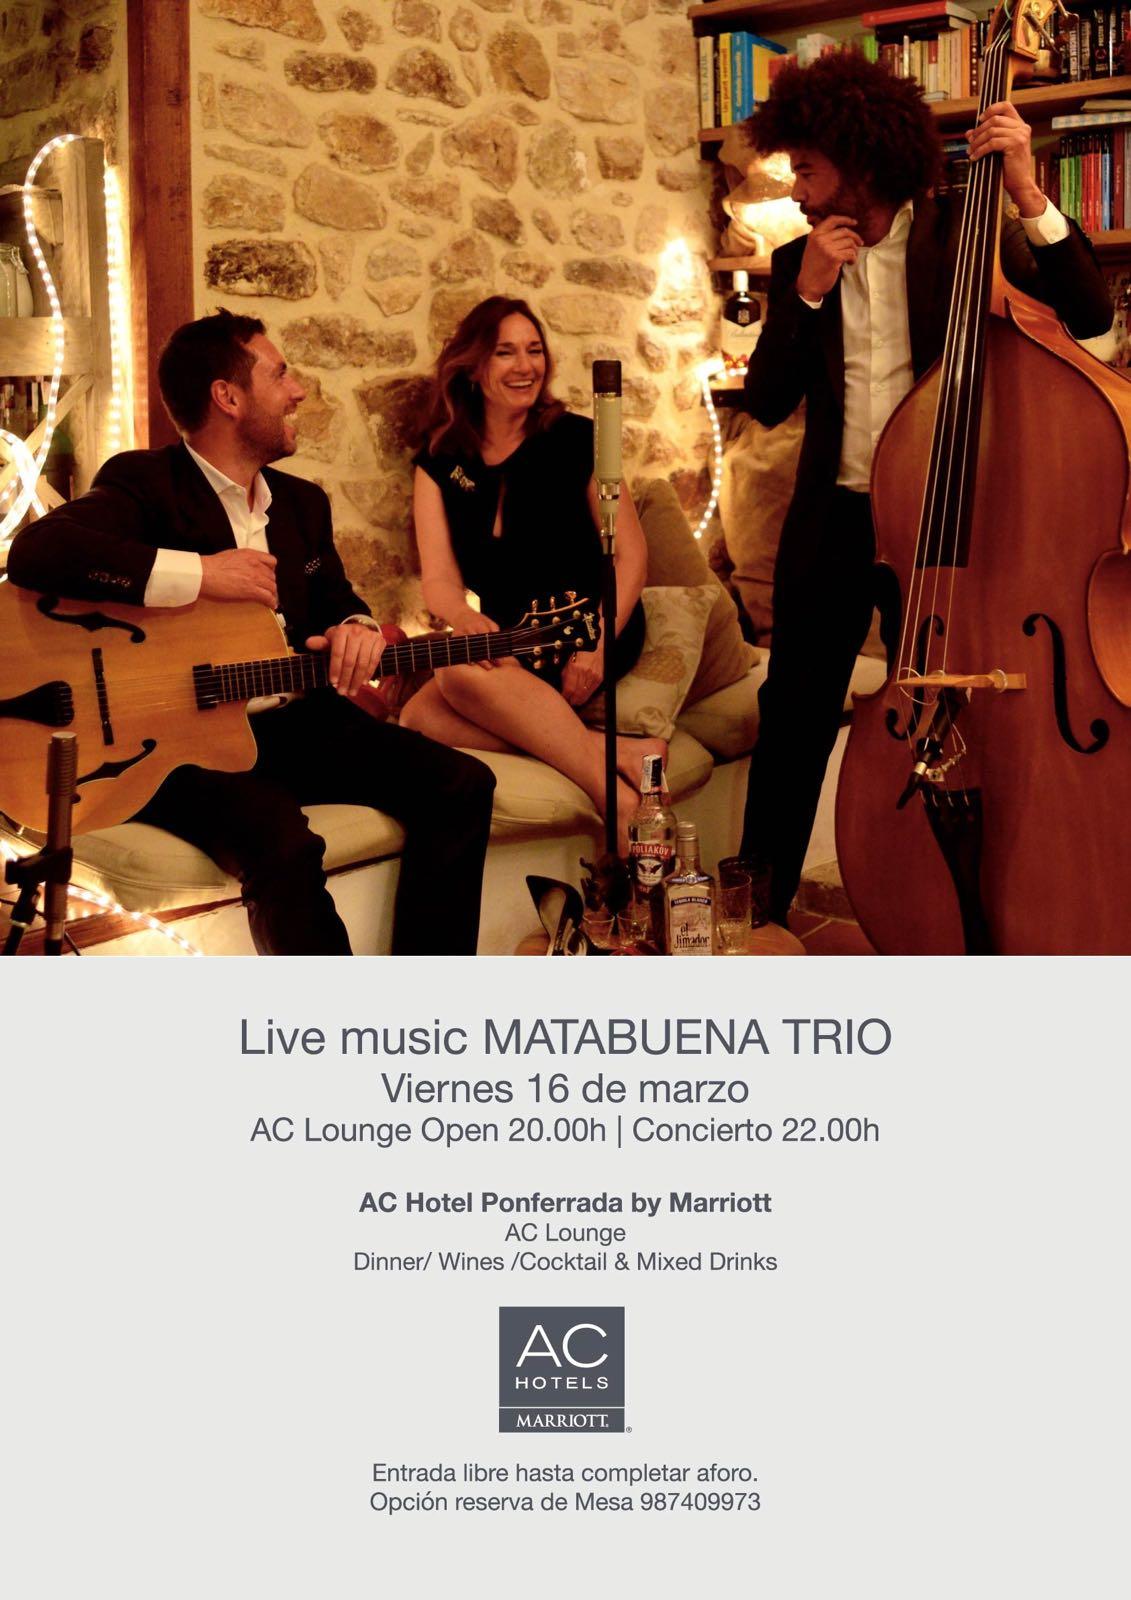 El Hotel AC Marriott de Ponferrada pone en marcha este viernes sus noches con música en directo 1